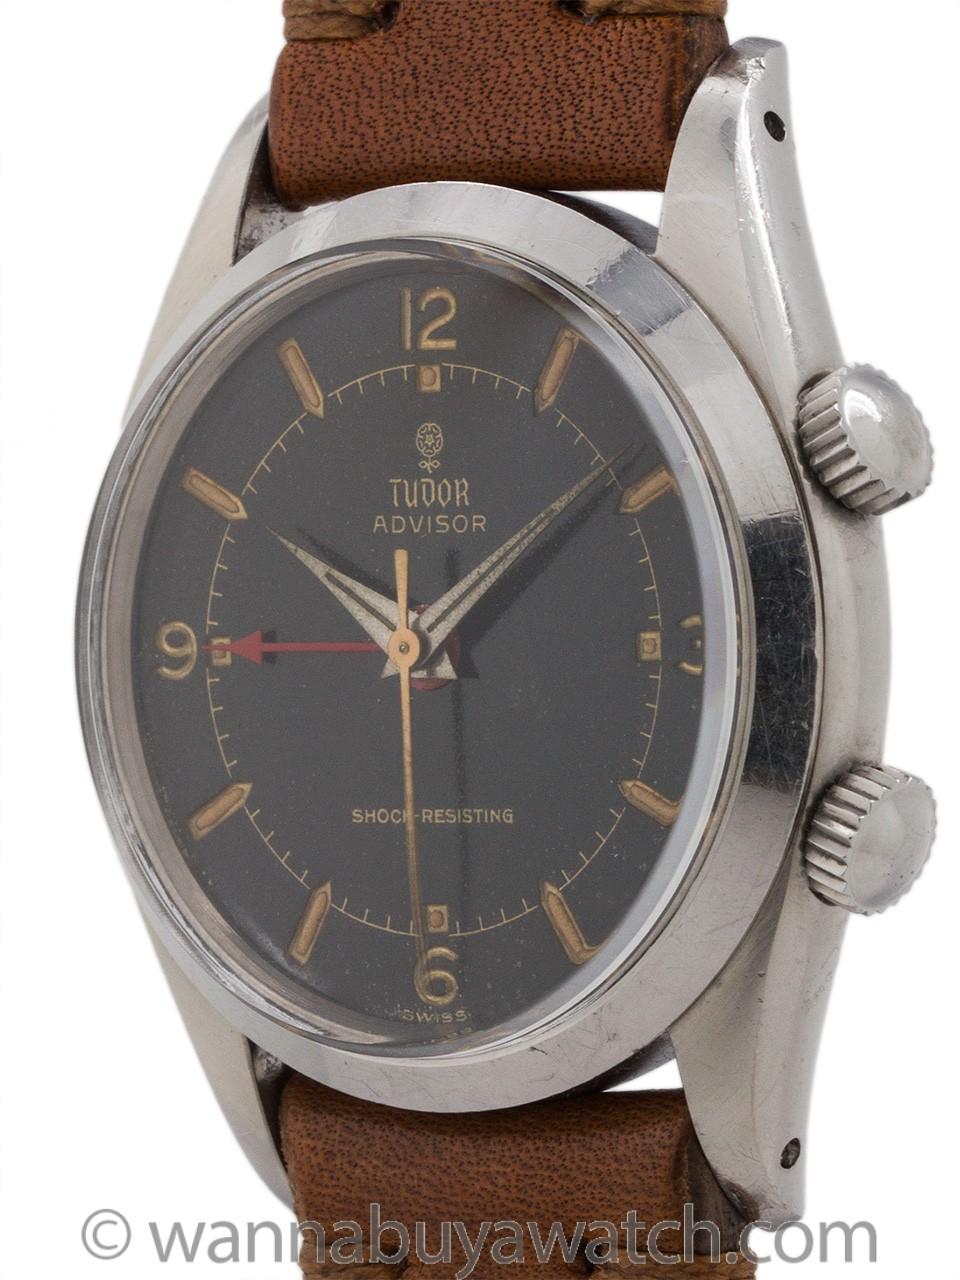 Tudor Advisor Alarm ref 7926 circa 1958 Black Gilt Dial